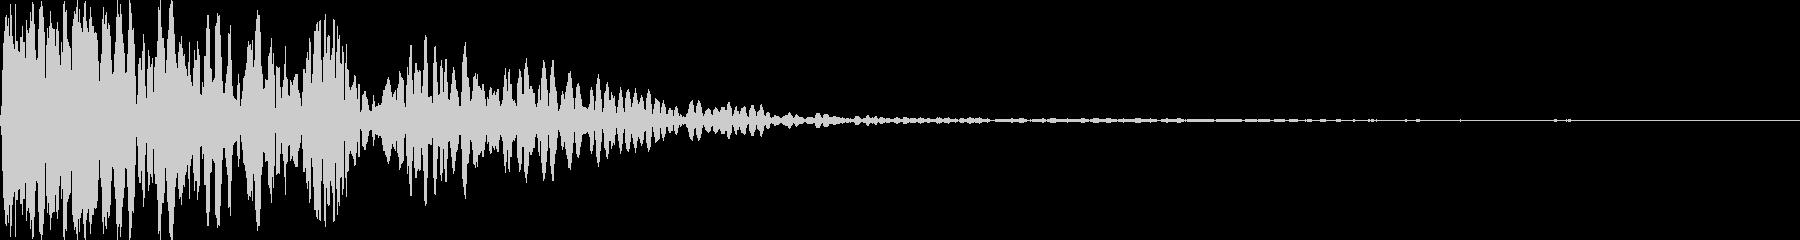 ボタン押下音(ドチュン!)の未再生の波形